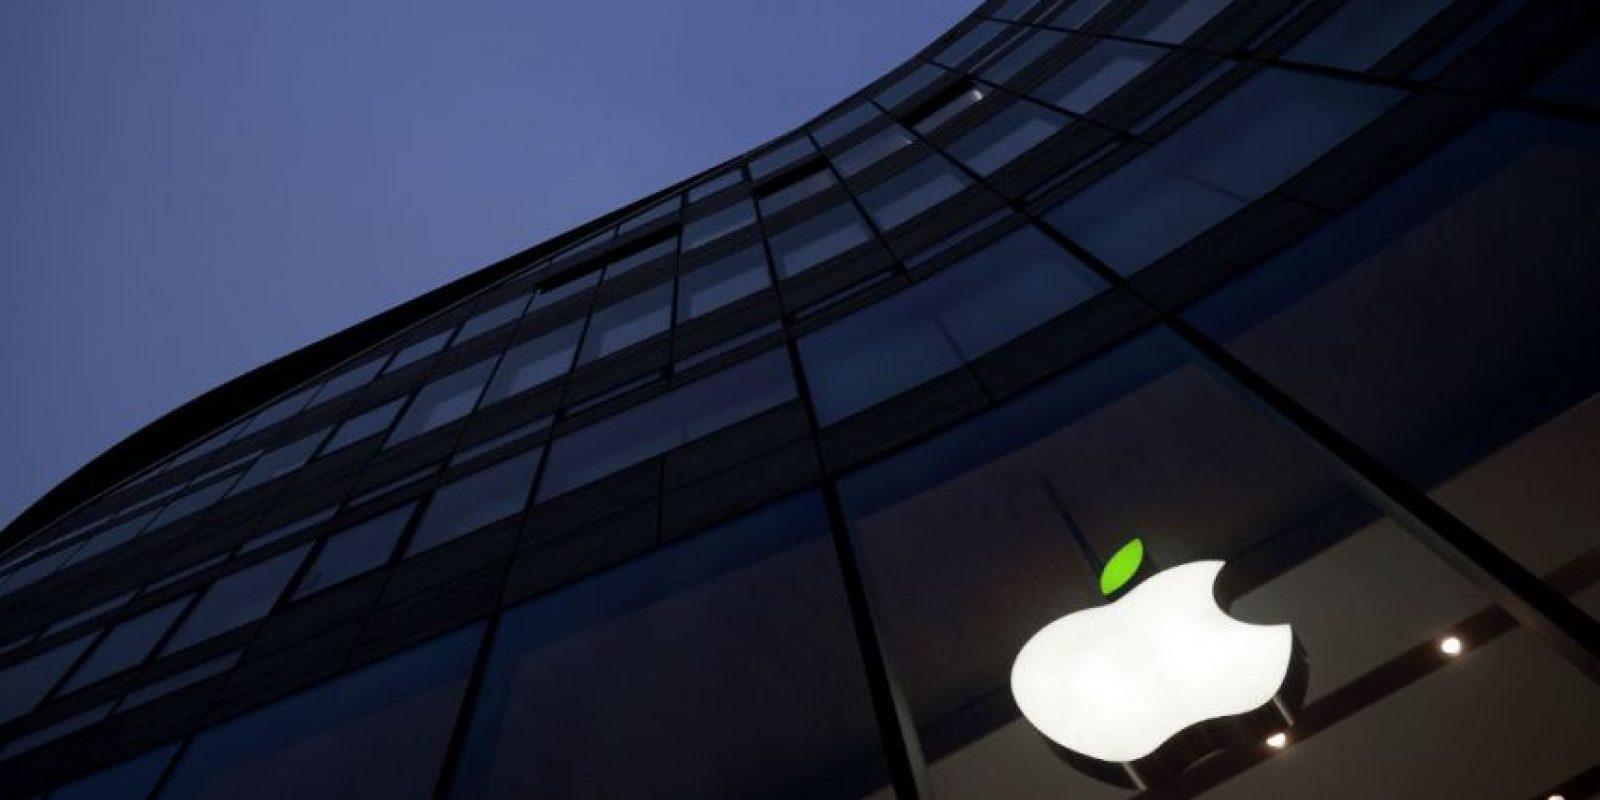 Dama le dio a Fabbretti acceso al iPhone mediante huella digital, sin embargo, el teléfono se habría reiniciado, por lo que se borró esta configuración. Foto:Getty Images